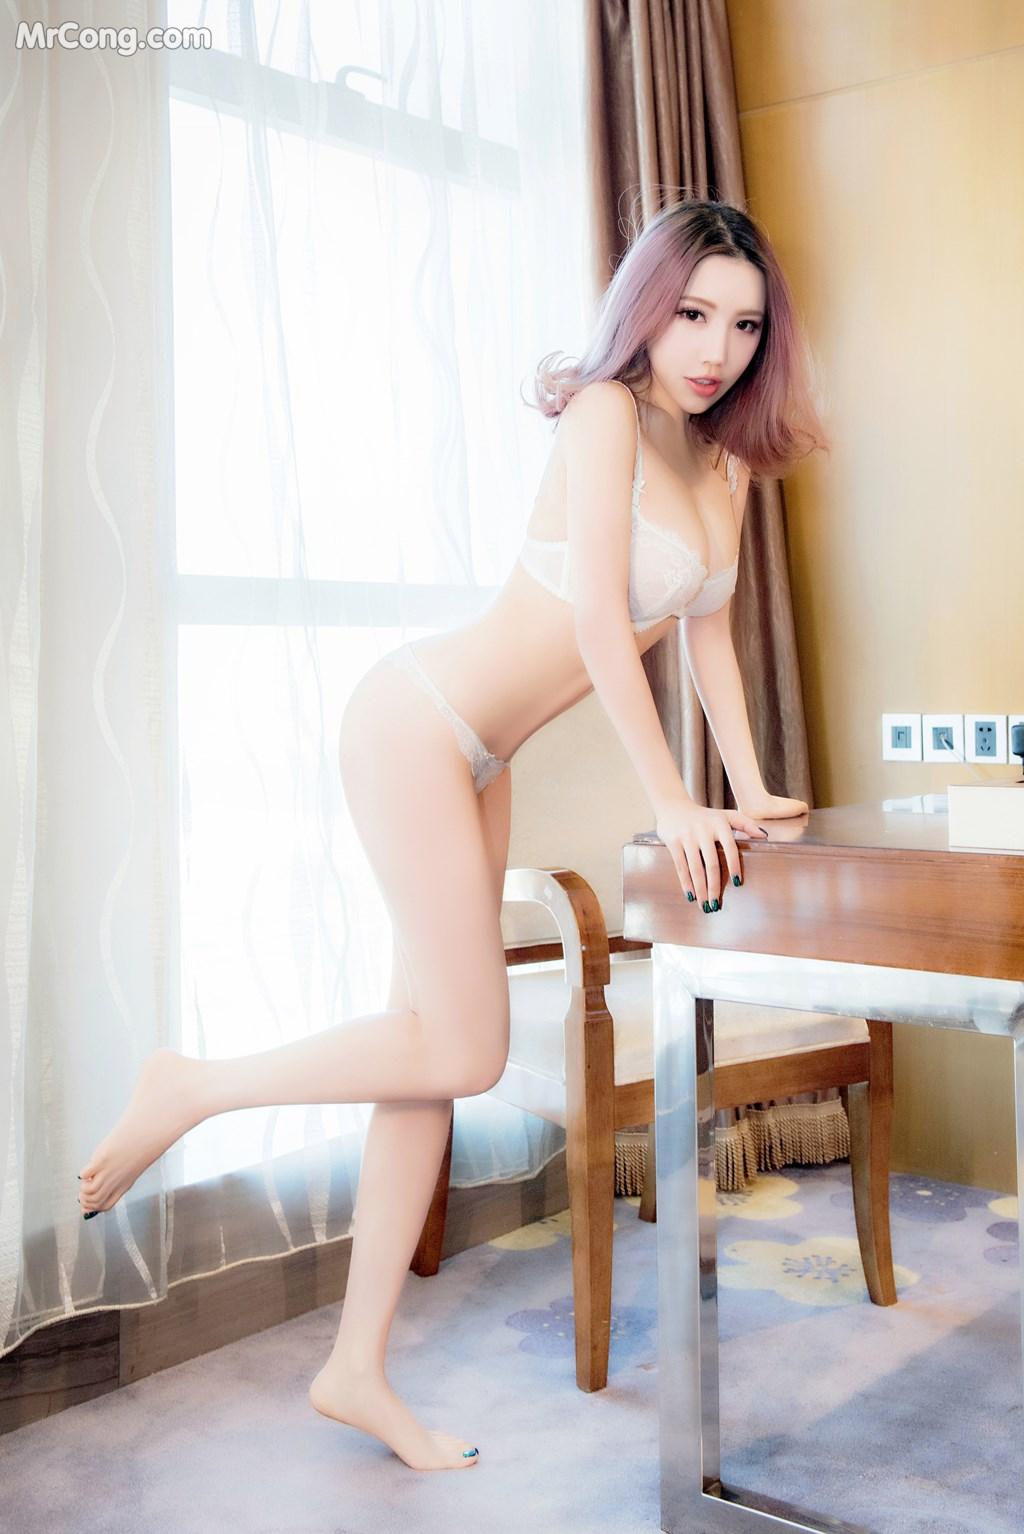 Image SLADY-2017-05-25-No.001-Ni-Xiao-Yao-MrCong.com-006 in post SLADY 2017-05-25 No.001: Người mẫu Ni Xiao Yao (妮小妖) (60 ảnh)